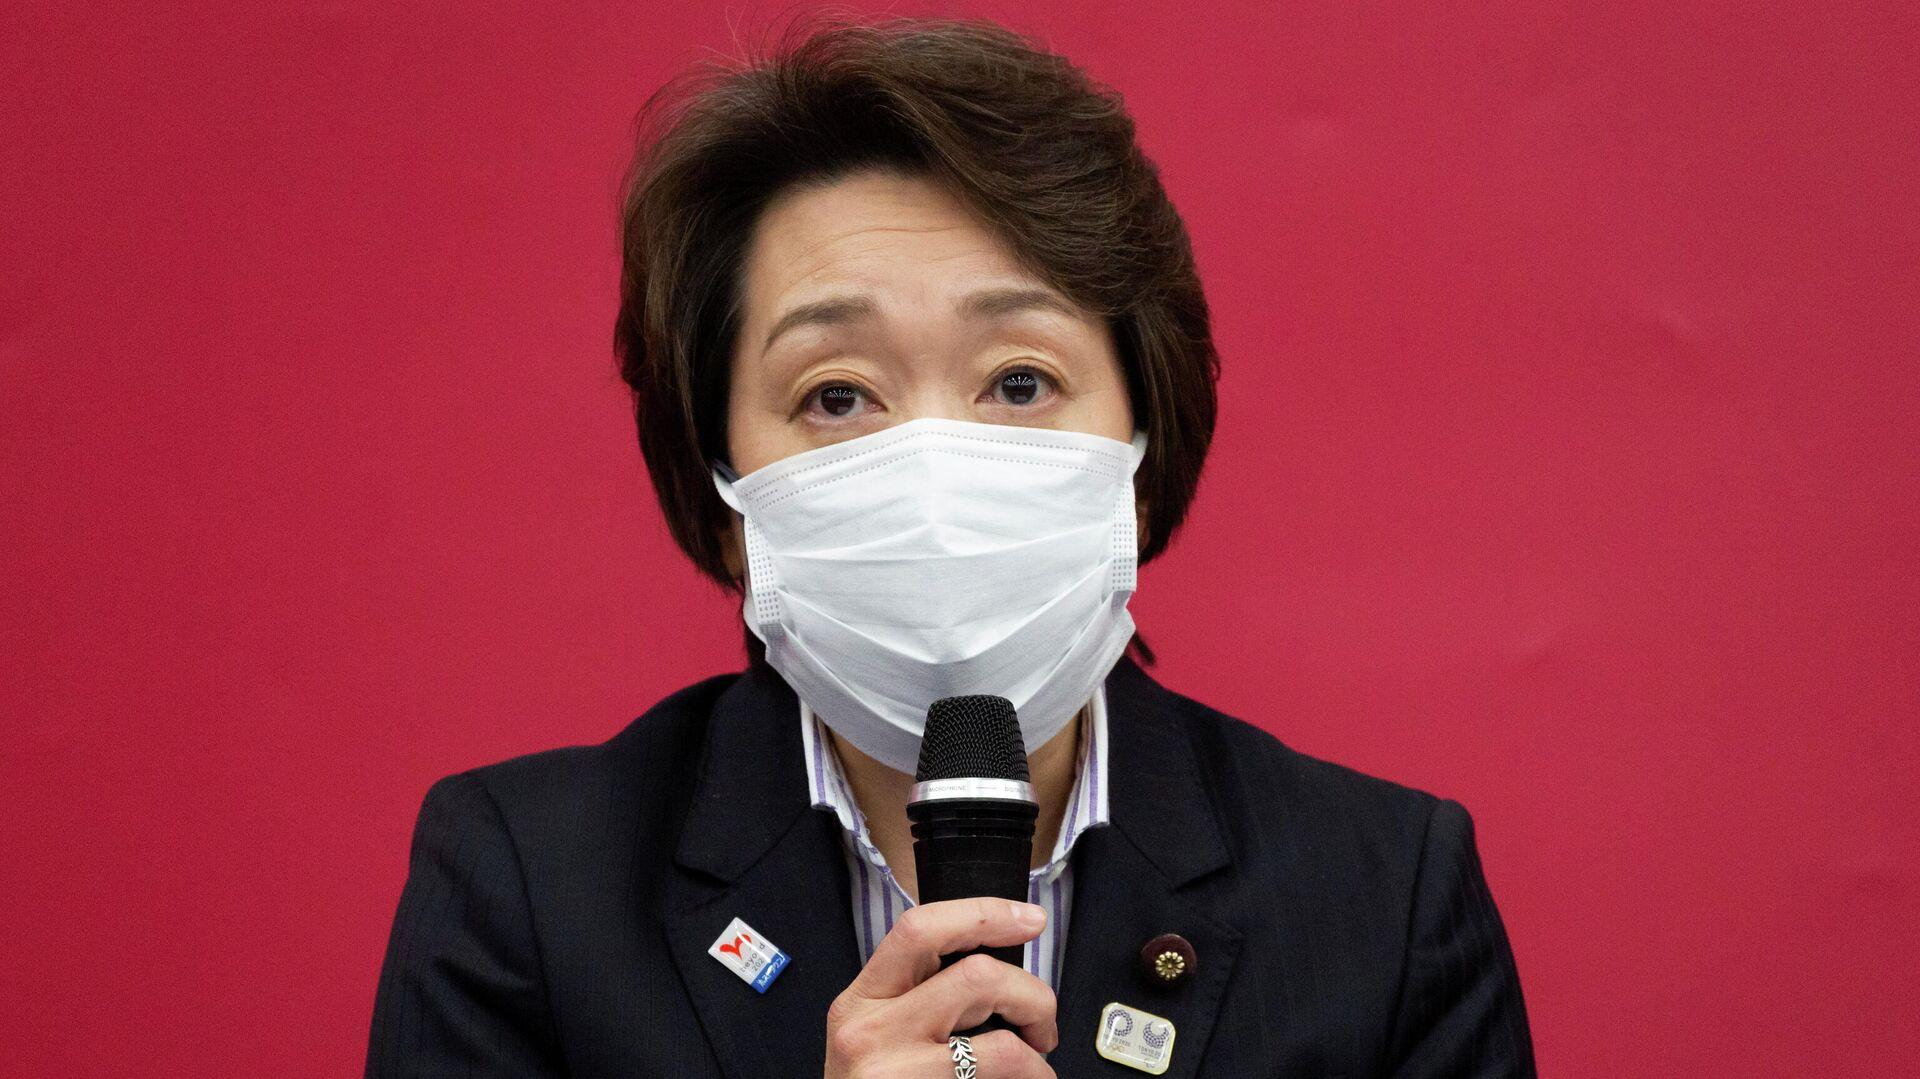 Seiko Hashimoto, nueva presidenta del comité organizador de la cita olímpica, exmedallista olímpica y política - Sputnik Mundo, 1920, 18.02.2021